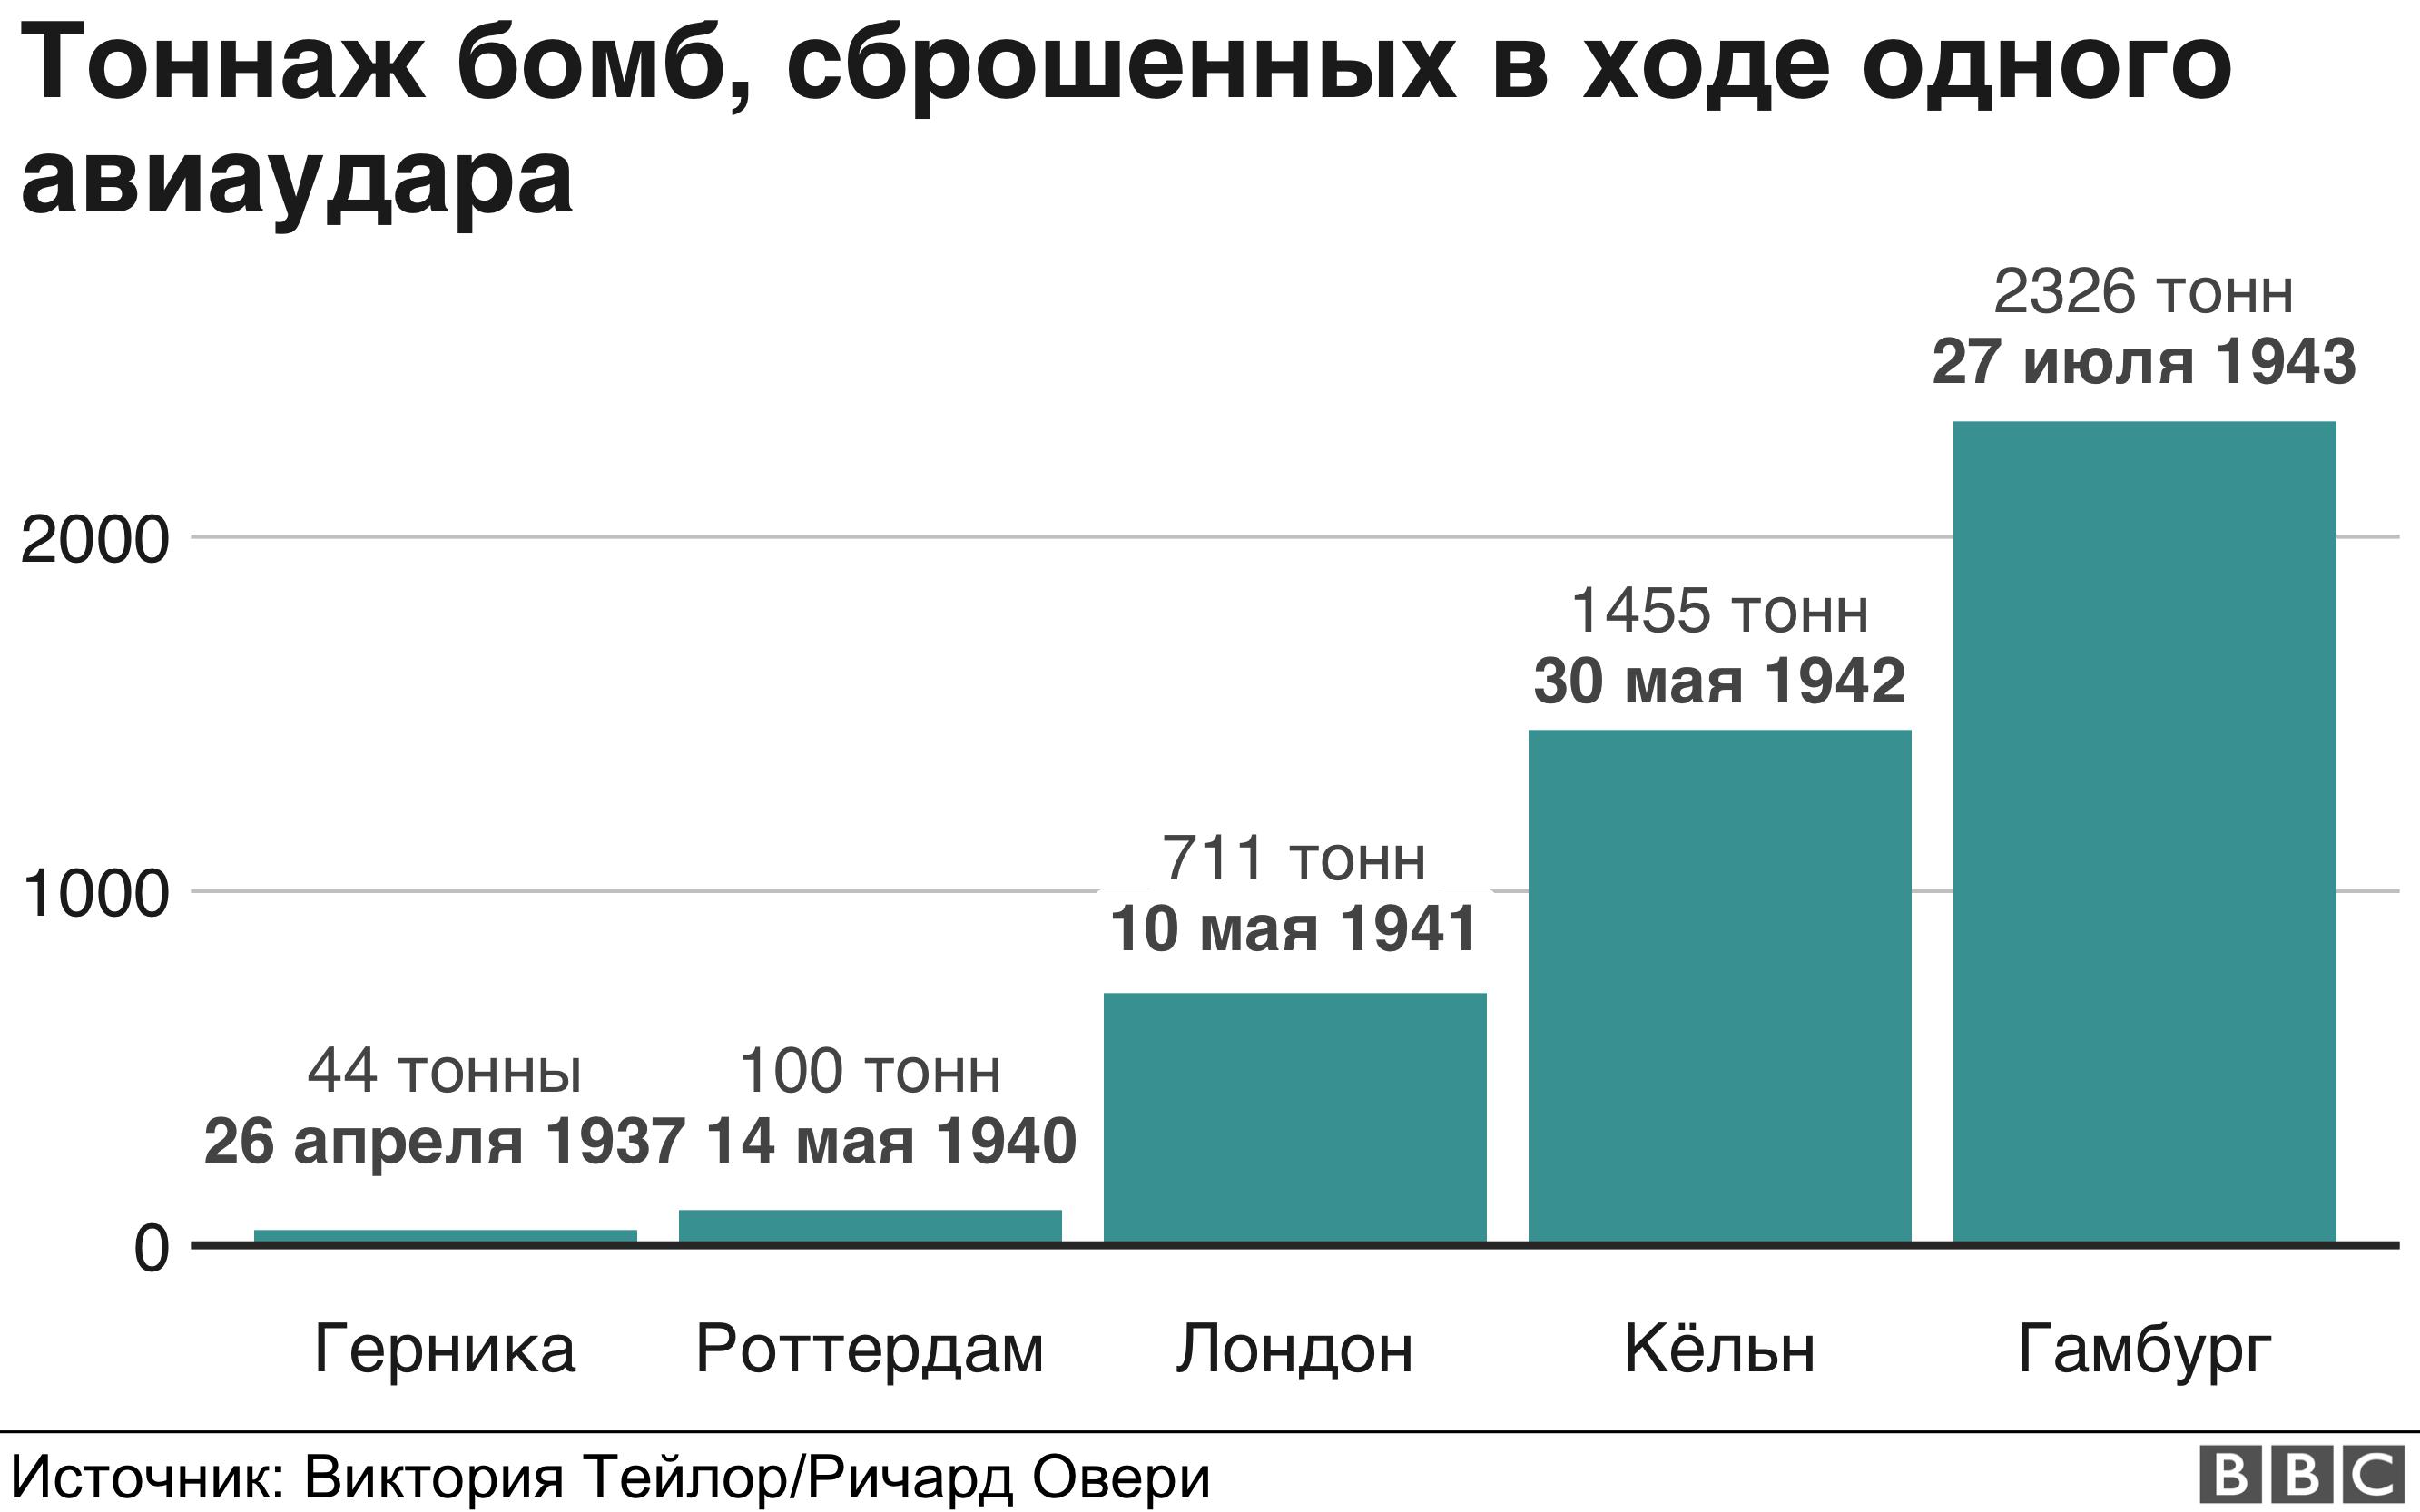 Сравнительный график количества боеприпасов, сброшенных на Гернику, Роттердам, Лондон, Кельн и Гамбург